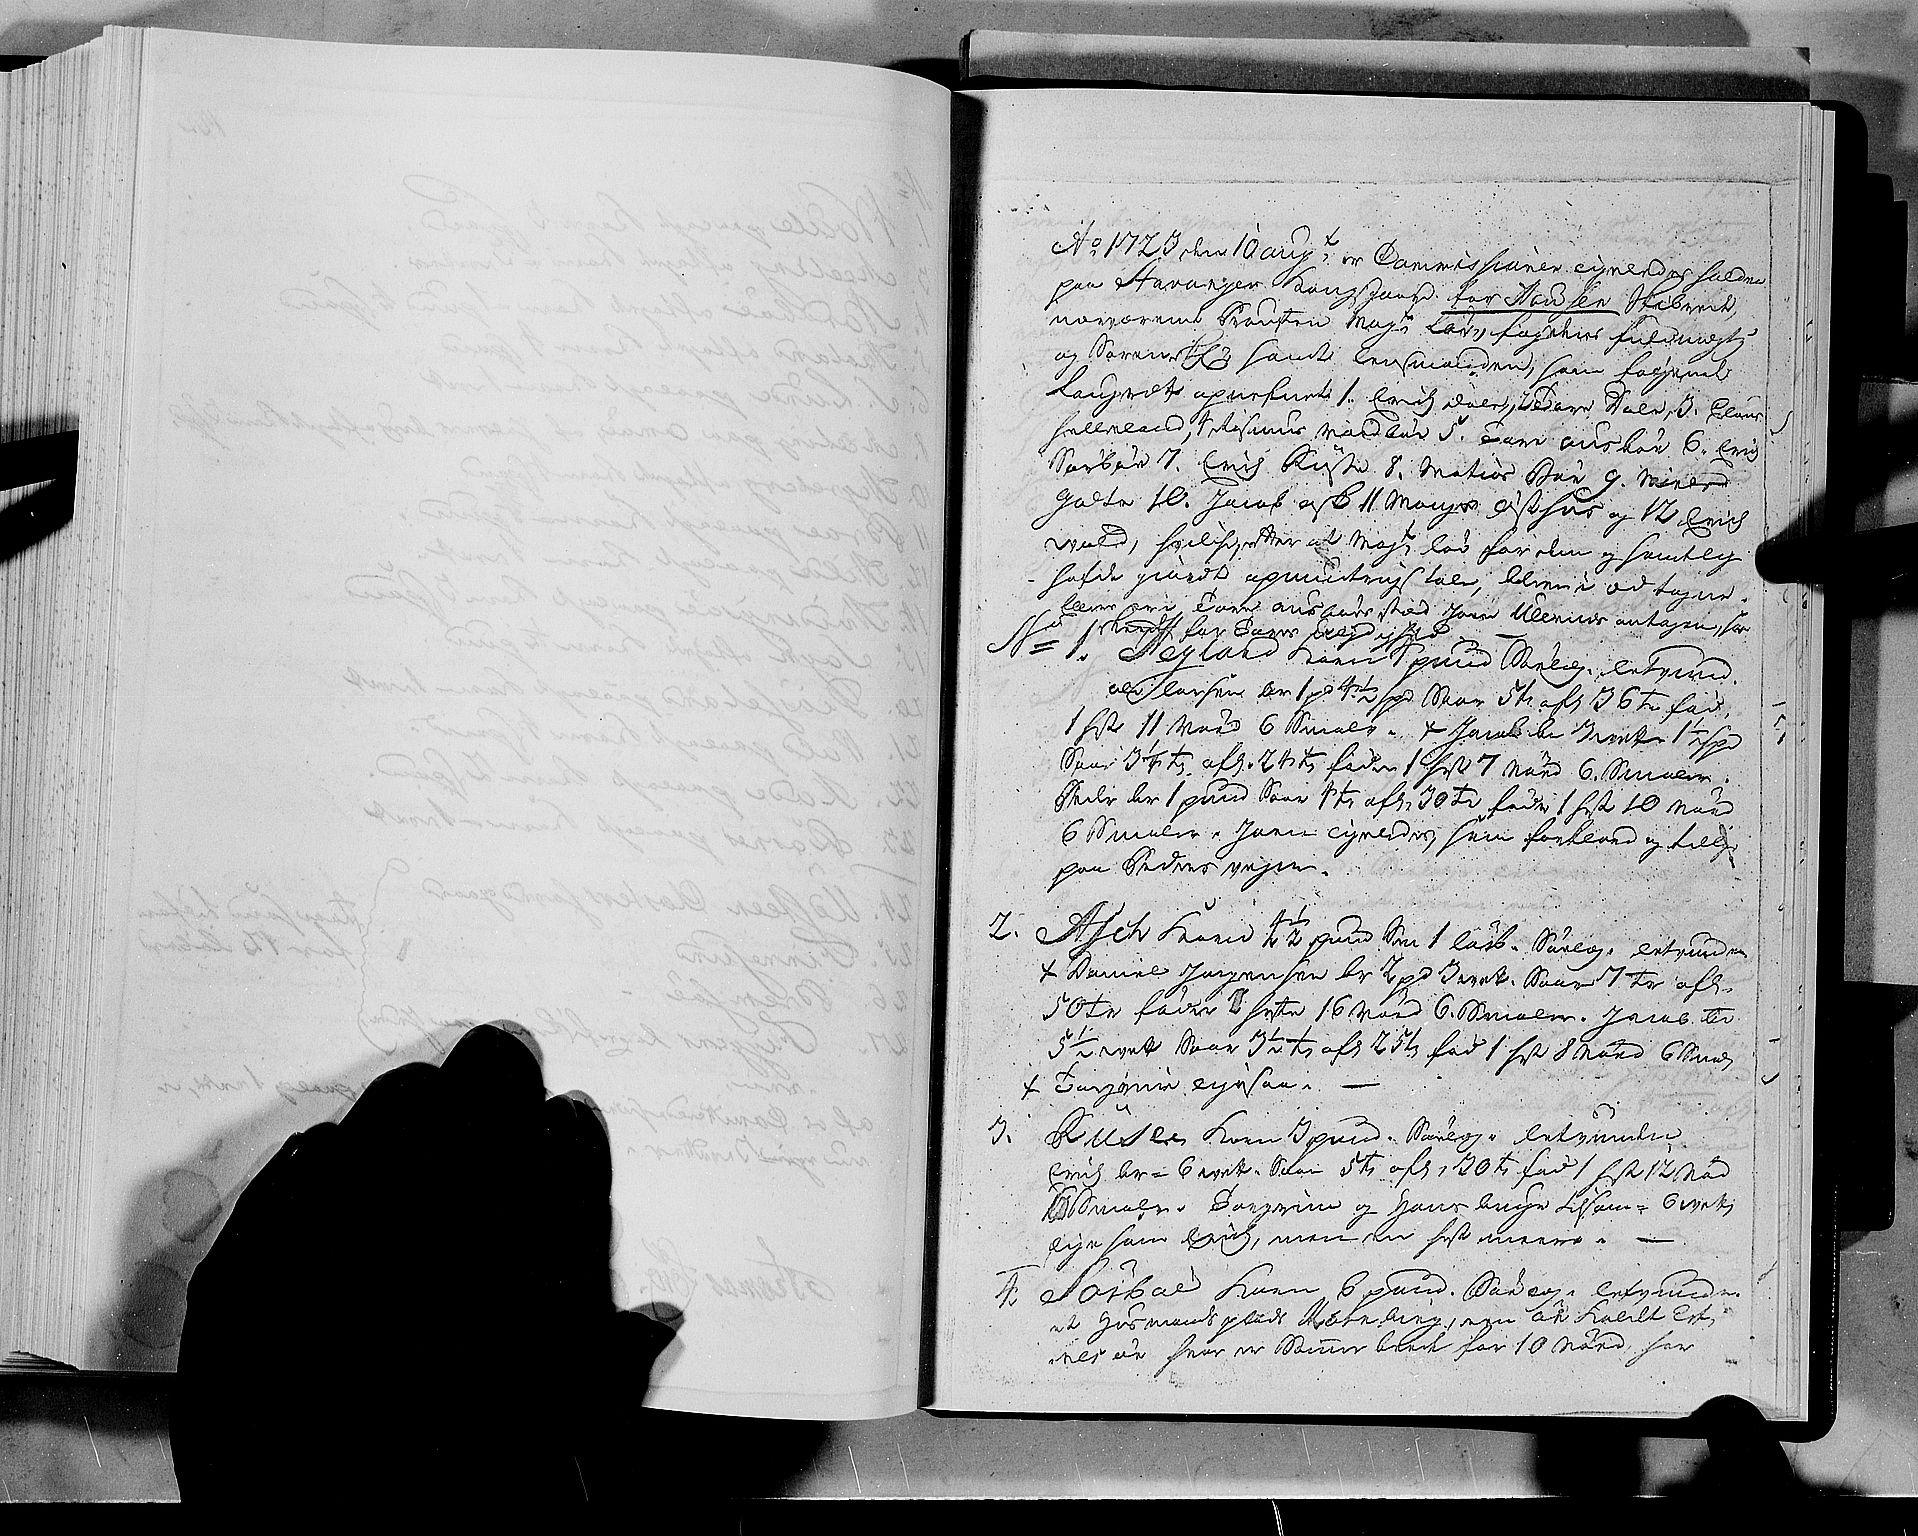 RA, Rentekammeret inntil 1814, Realistisk ordnet avdeling, N/Nb/Nbf/L0133a: Ryfylke eksaminasjonsprotokoll, 1723, s. 122b